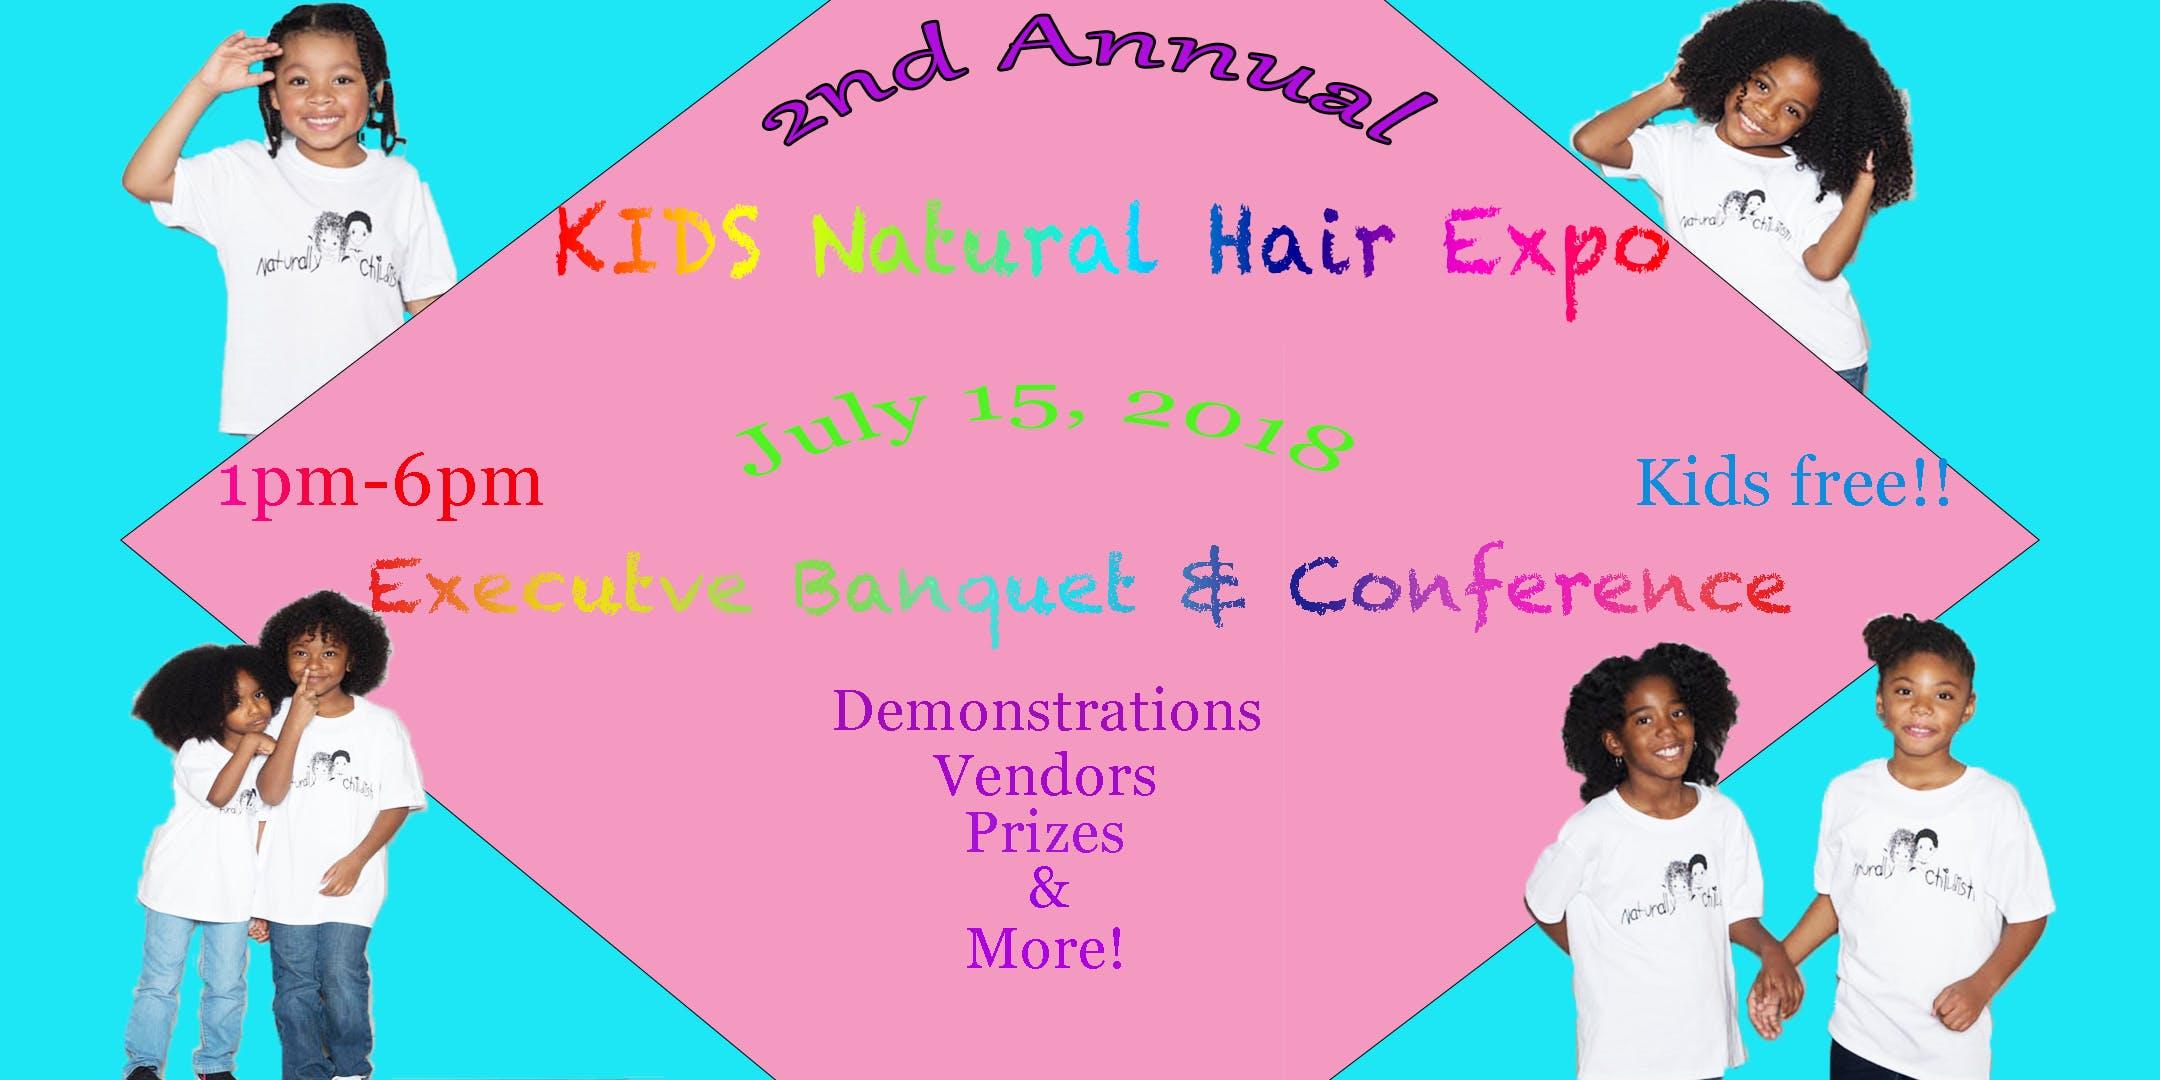 Kids Natural Hair Expo